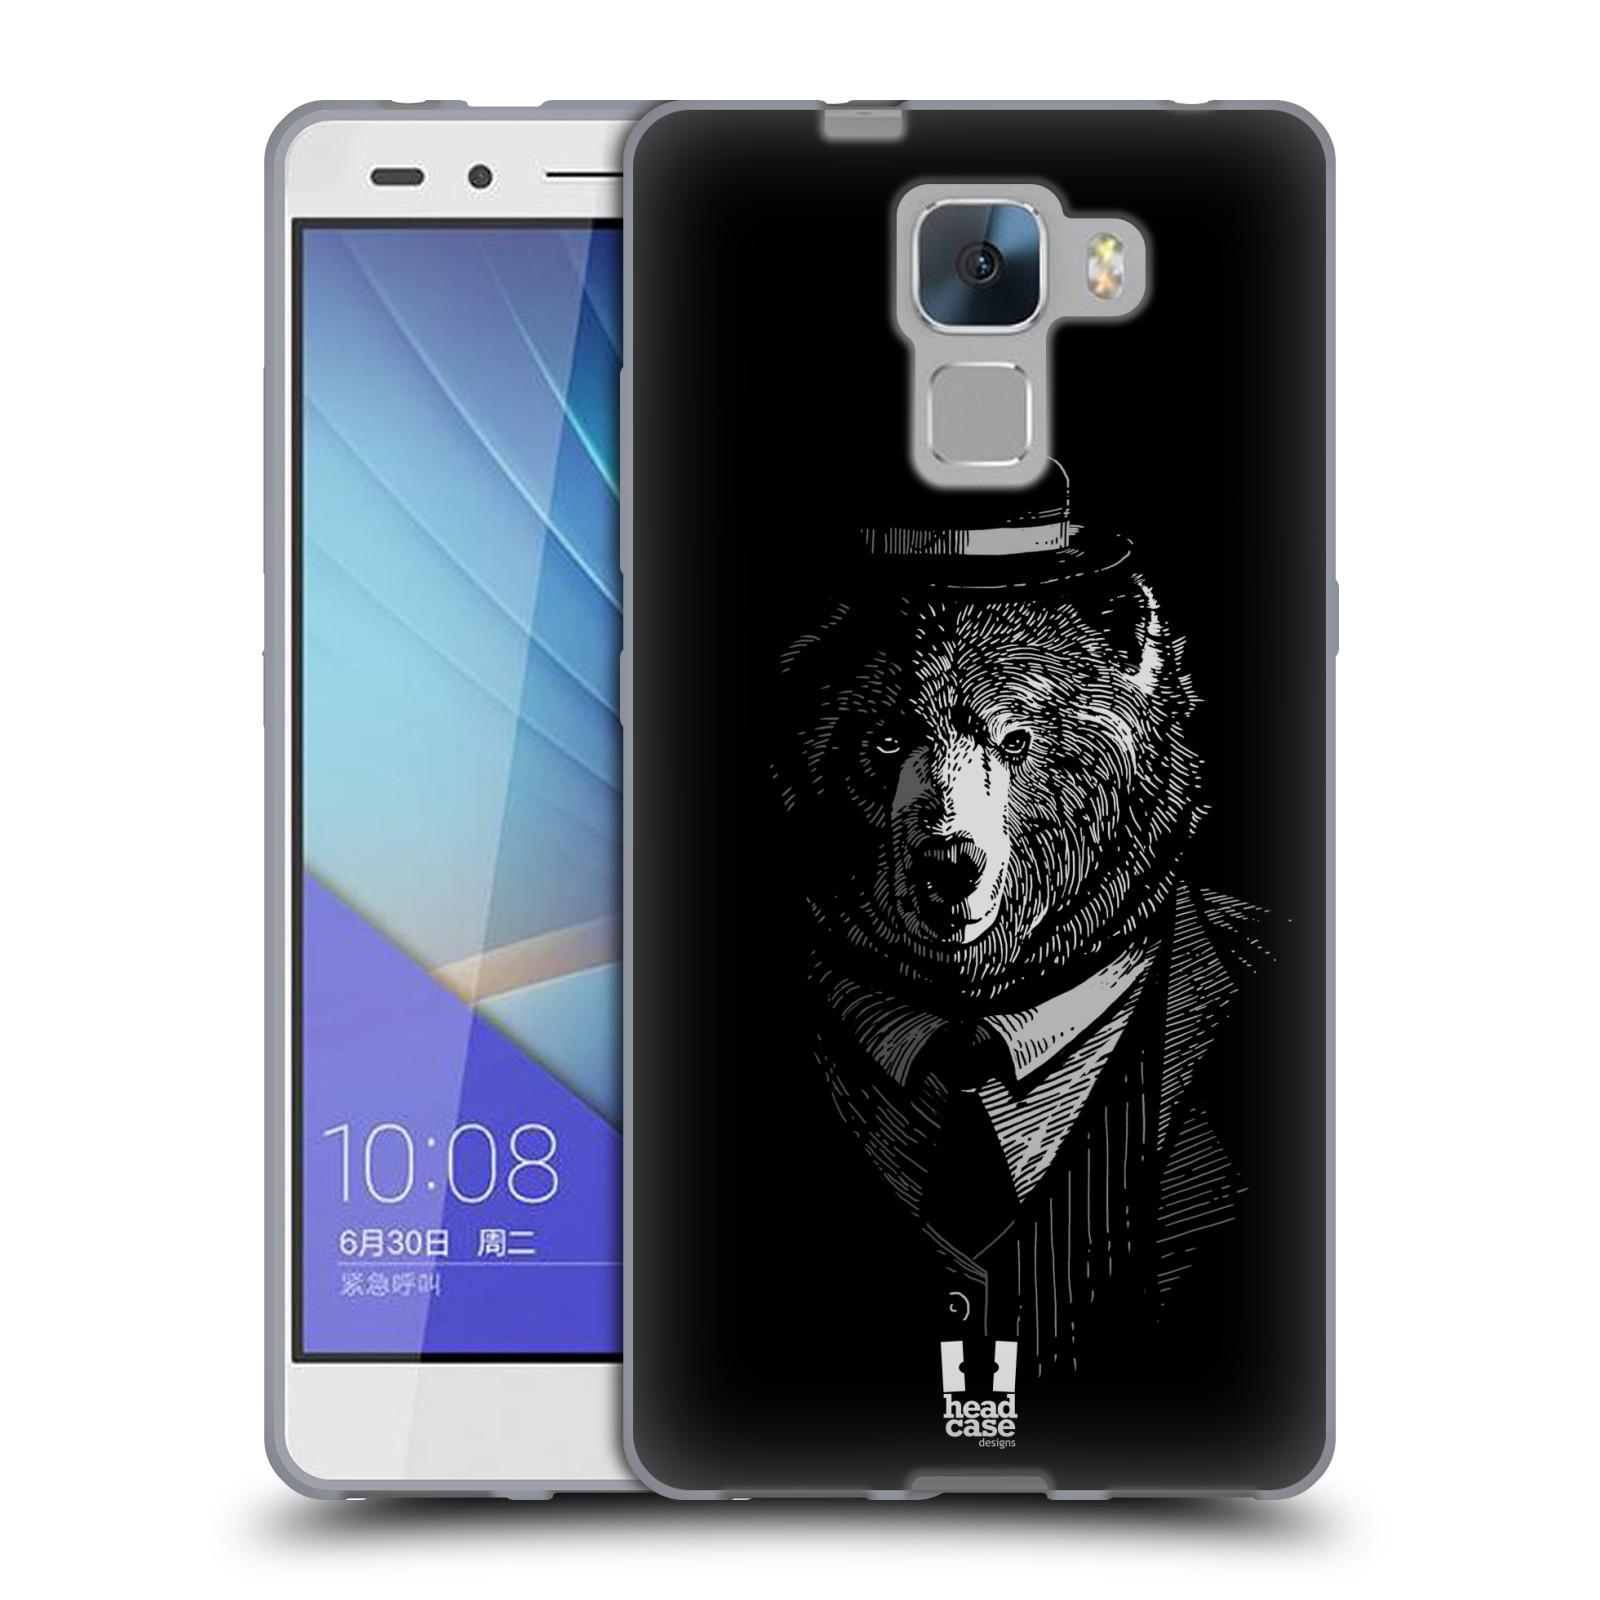 HEAD CASE silikonový obal na mobil HUAWEI HONOR 7 vzor Zvíře v obleku medvěd